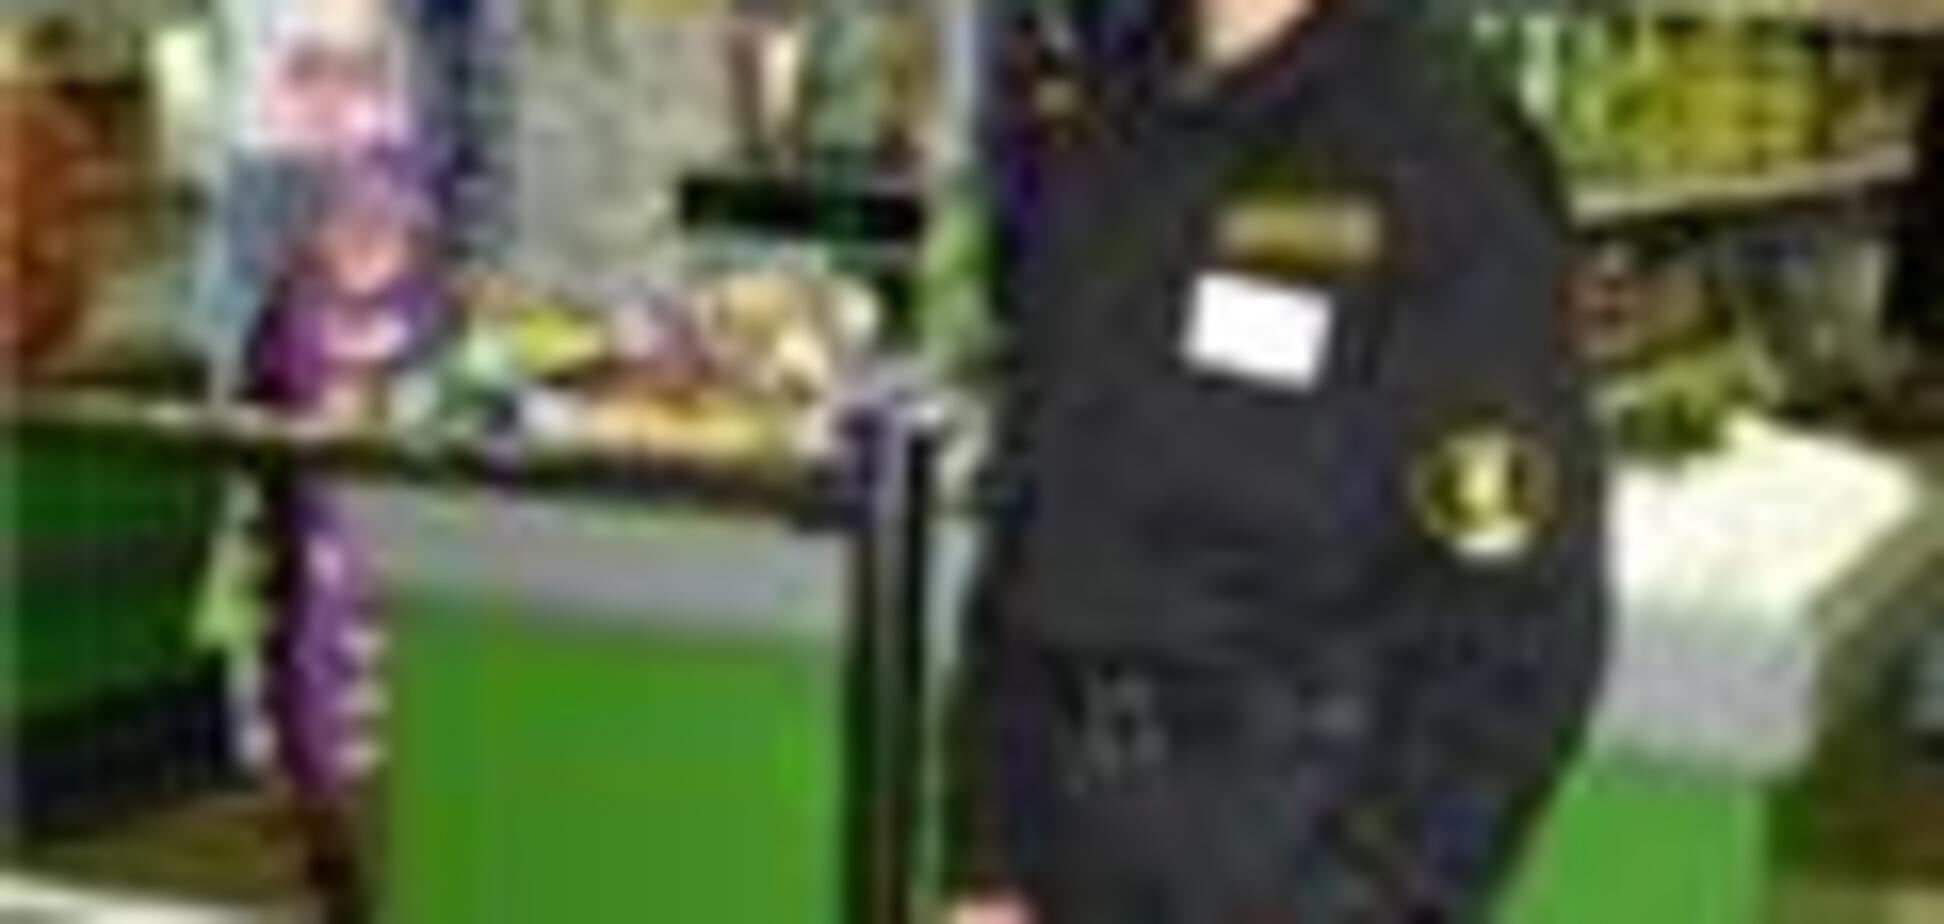 Охрана полчаса удерживала людей в супермаркете